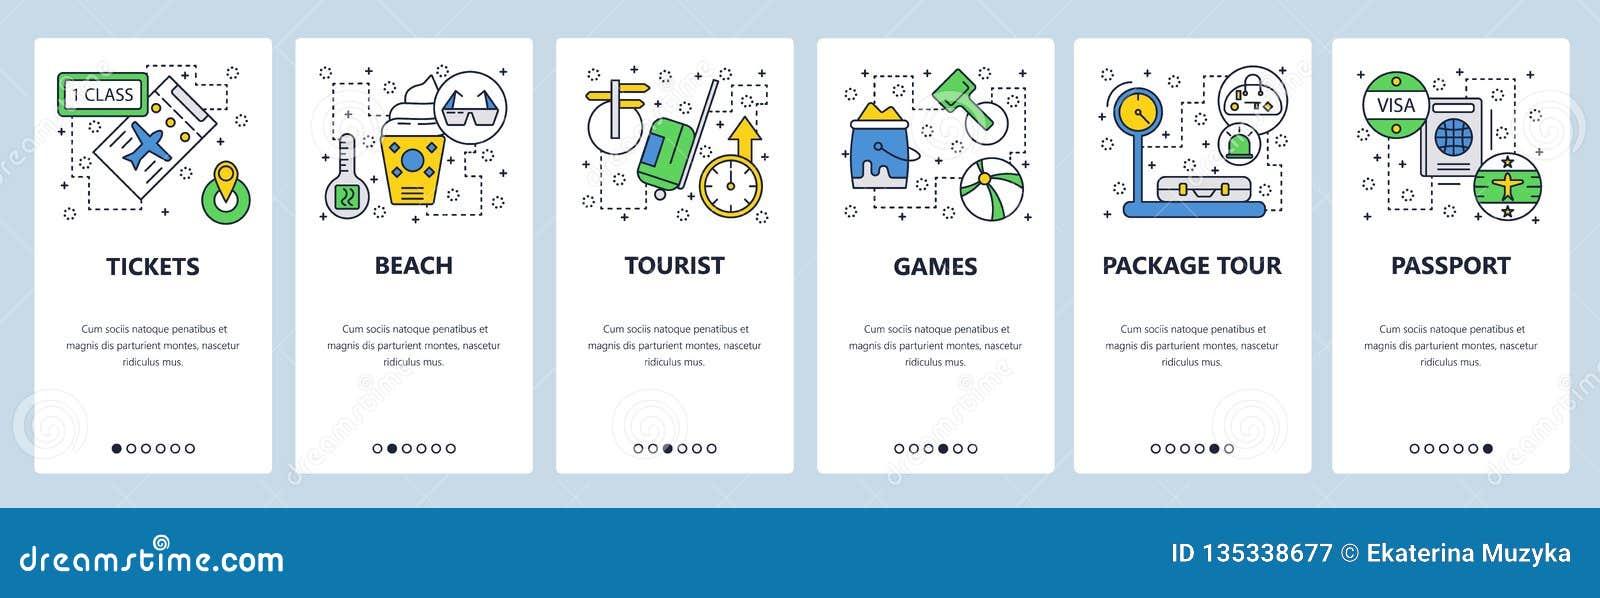 网站onboarding的屏幕 旅行和海滩假期,护照,签证,票 菜单传染媒介网站的横幅模板